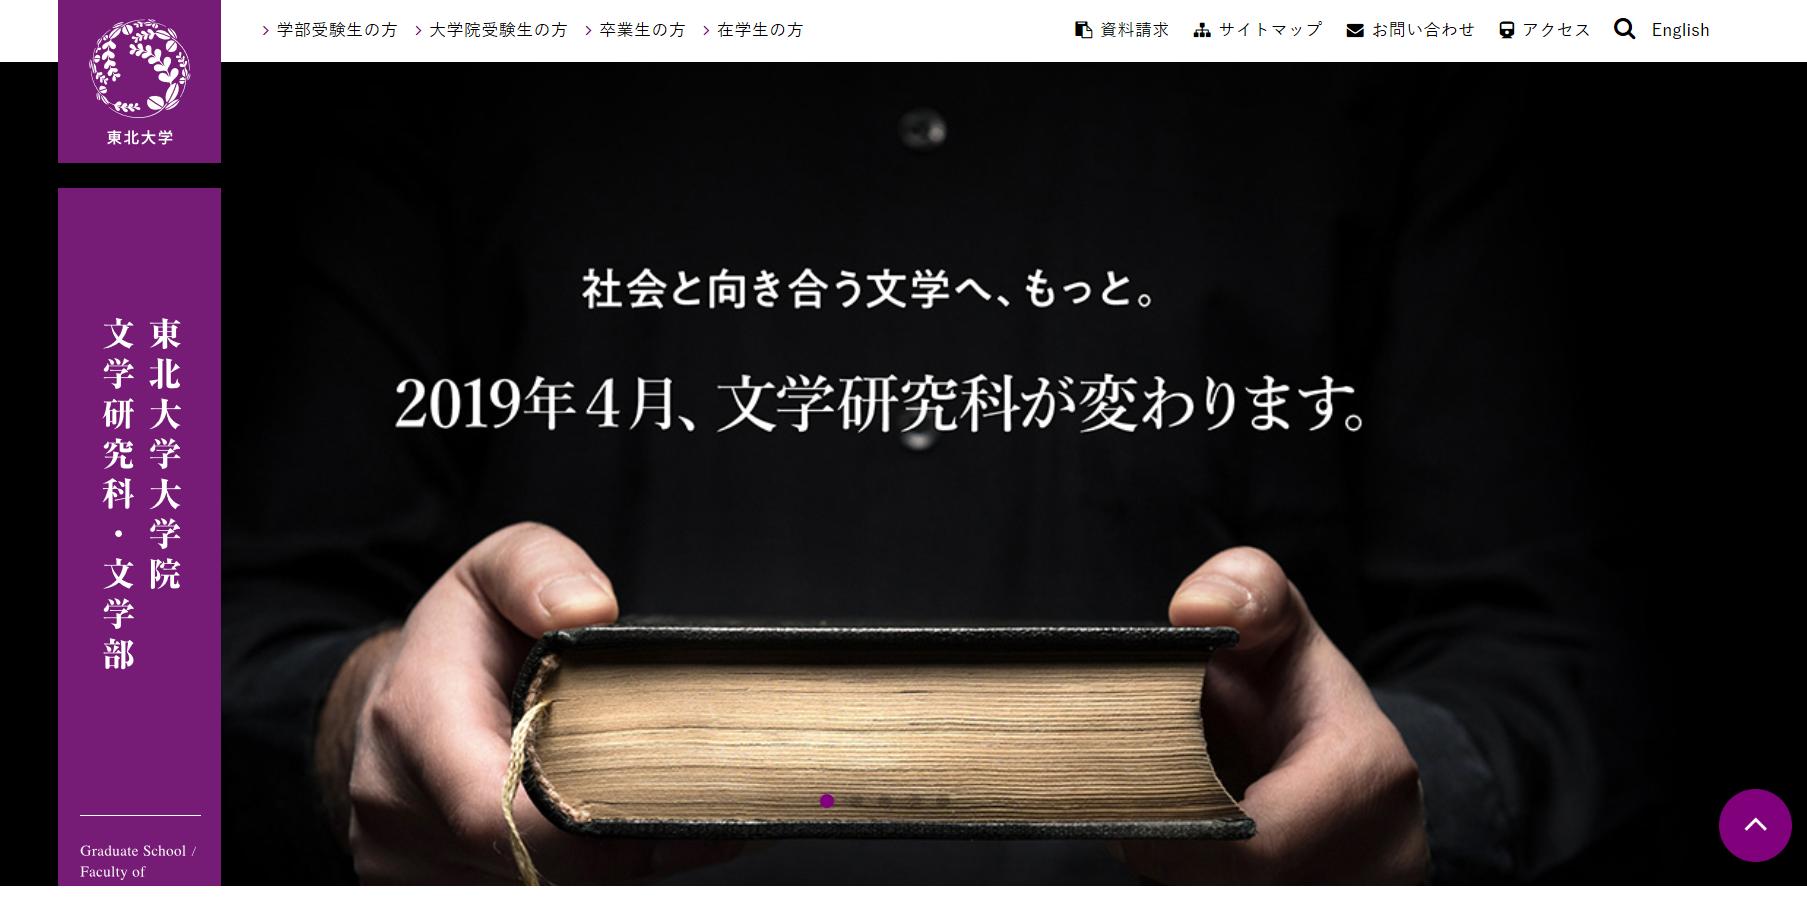 東北大学の評判・口コミ【文学部編】